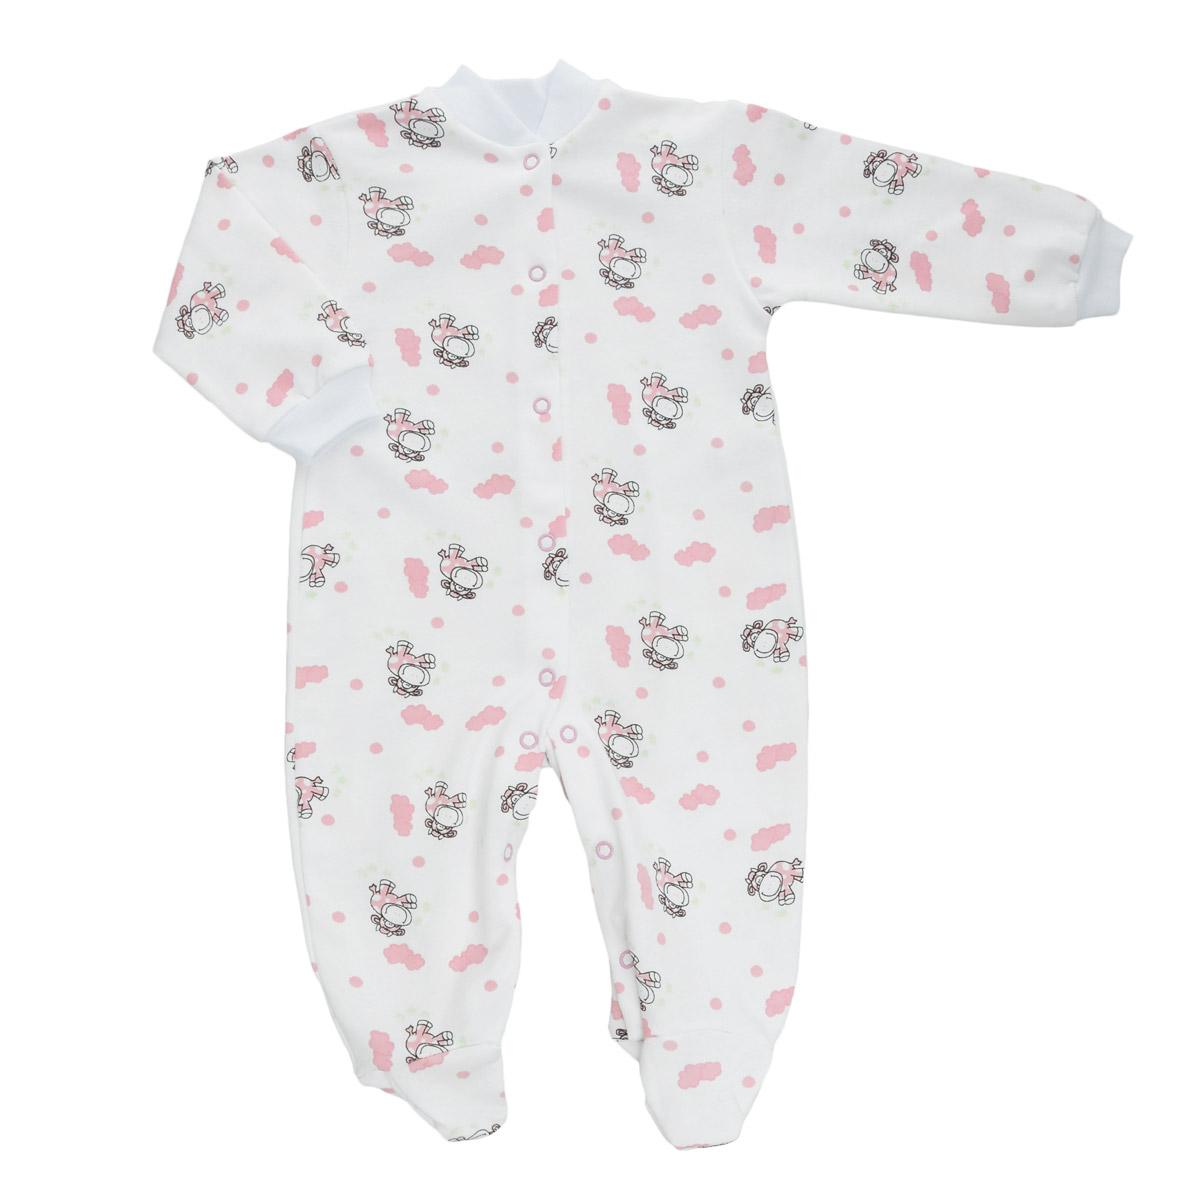 Комбинезон детский Трон-Плюс, цвет: белый, розовый, рисунок коровы. 5821. Размер 62, 3 месяца5821Детский комбинезон Трон-Плюс - очень удобный и практичный вид одежды для малышей. Теплый комбинезон выполнен из футерованного полотна - натурального хлопка, благодаря чему он необычайно мягкий и приятный на ощупь, не раздражает нежную кожу ребенка, и хорошо вентилируются, а эластичные швы приятны телу малыша и не препятствуют его движениям. Комбинезон с длинными рукавами и закрытыми ножками имеет застежки-кнопки от горловины до щиколоток, которые помогают легко переодеть младенца или сменить подгузник. Рукава понизу дополнены неширокими трикотажными манжетами, мягко облегающими запястья. Вырез горловины дополнен мягкой трикотажной резинкой. Оформлен комбинезон оригинальным принтом. С детским комбинезоном спинка и ножки вашего малыша всегда будут в тепле, он идеален для использования днем и незаменим ночью. Комбинезон полностью соответствует особенностям жизни младенца в ранний период, не стесняя и не ограничивая его в движениях!